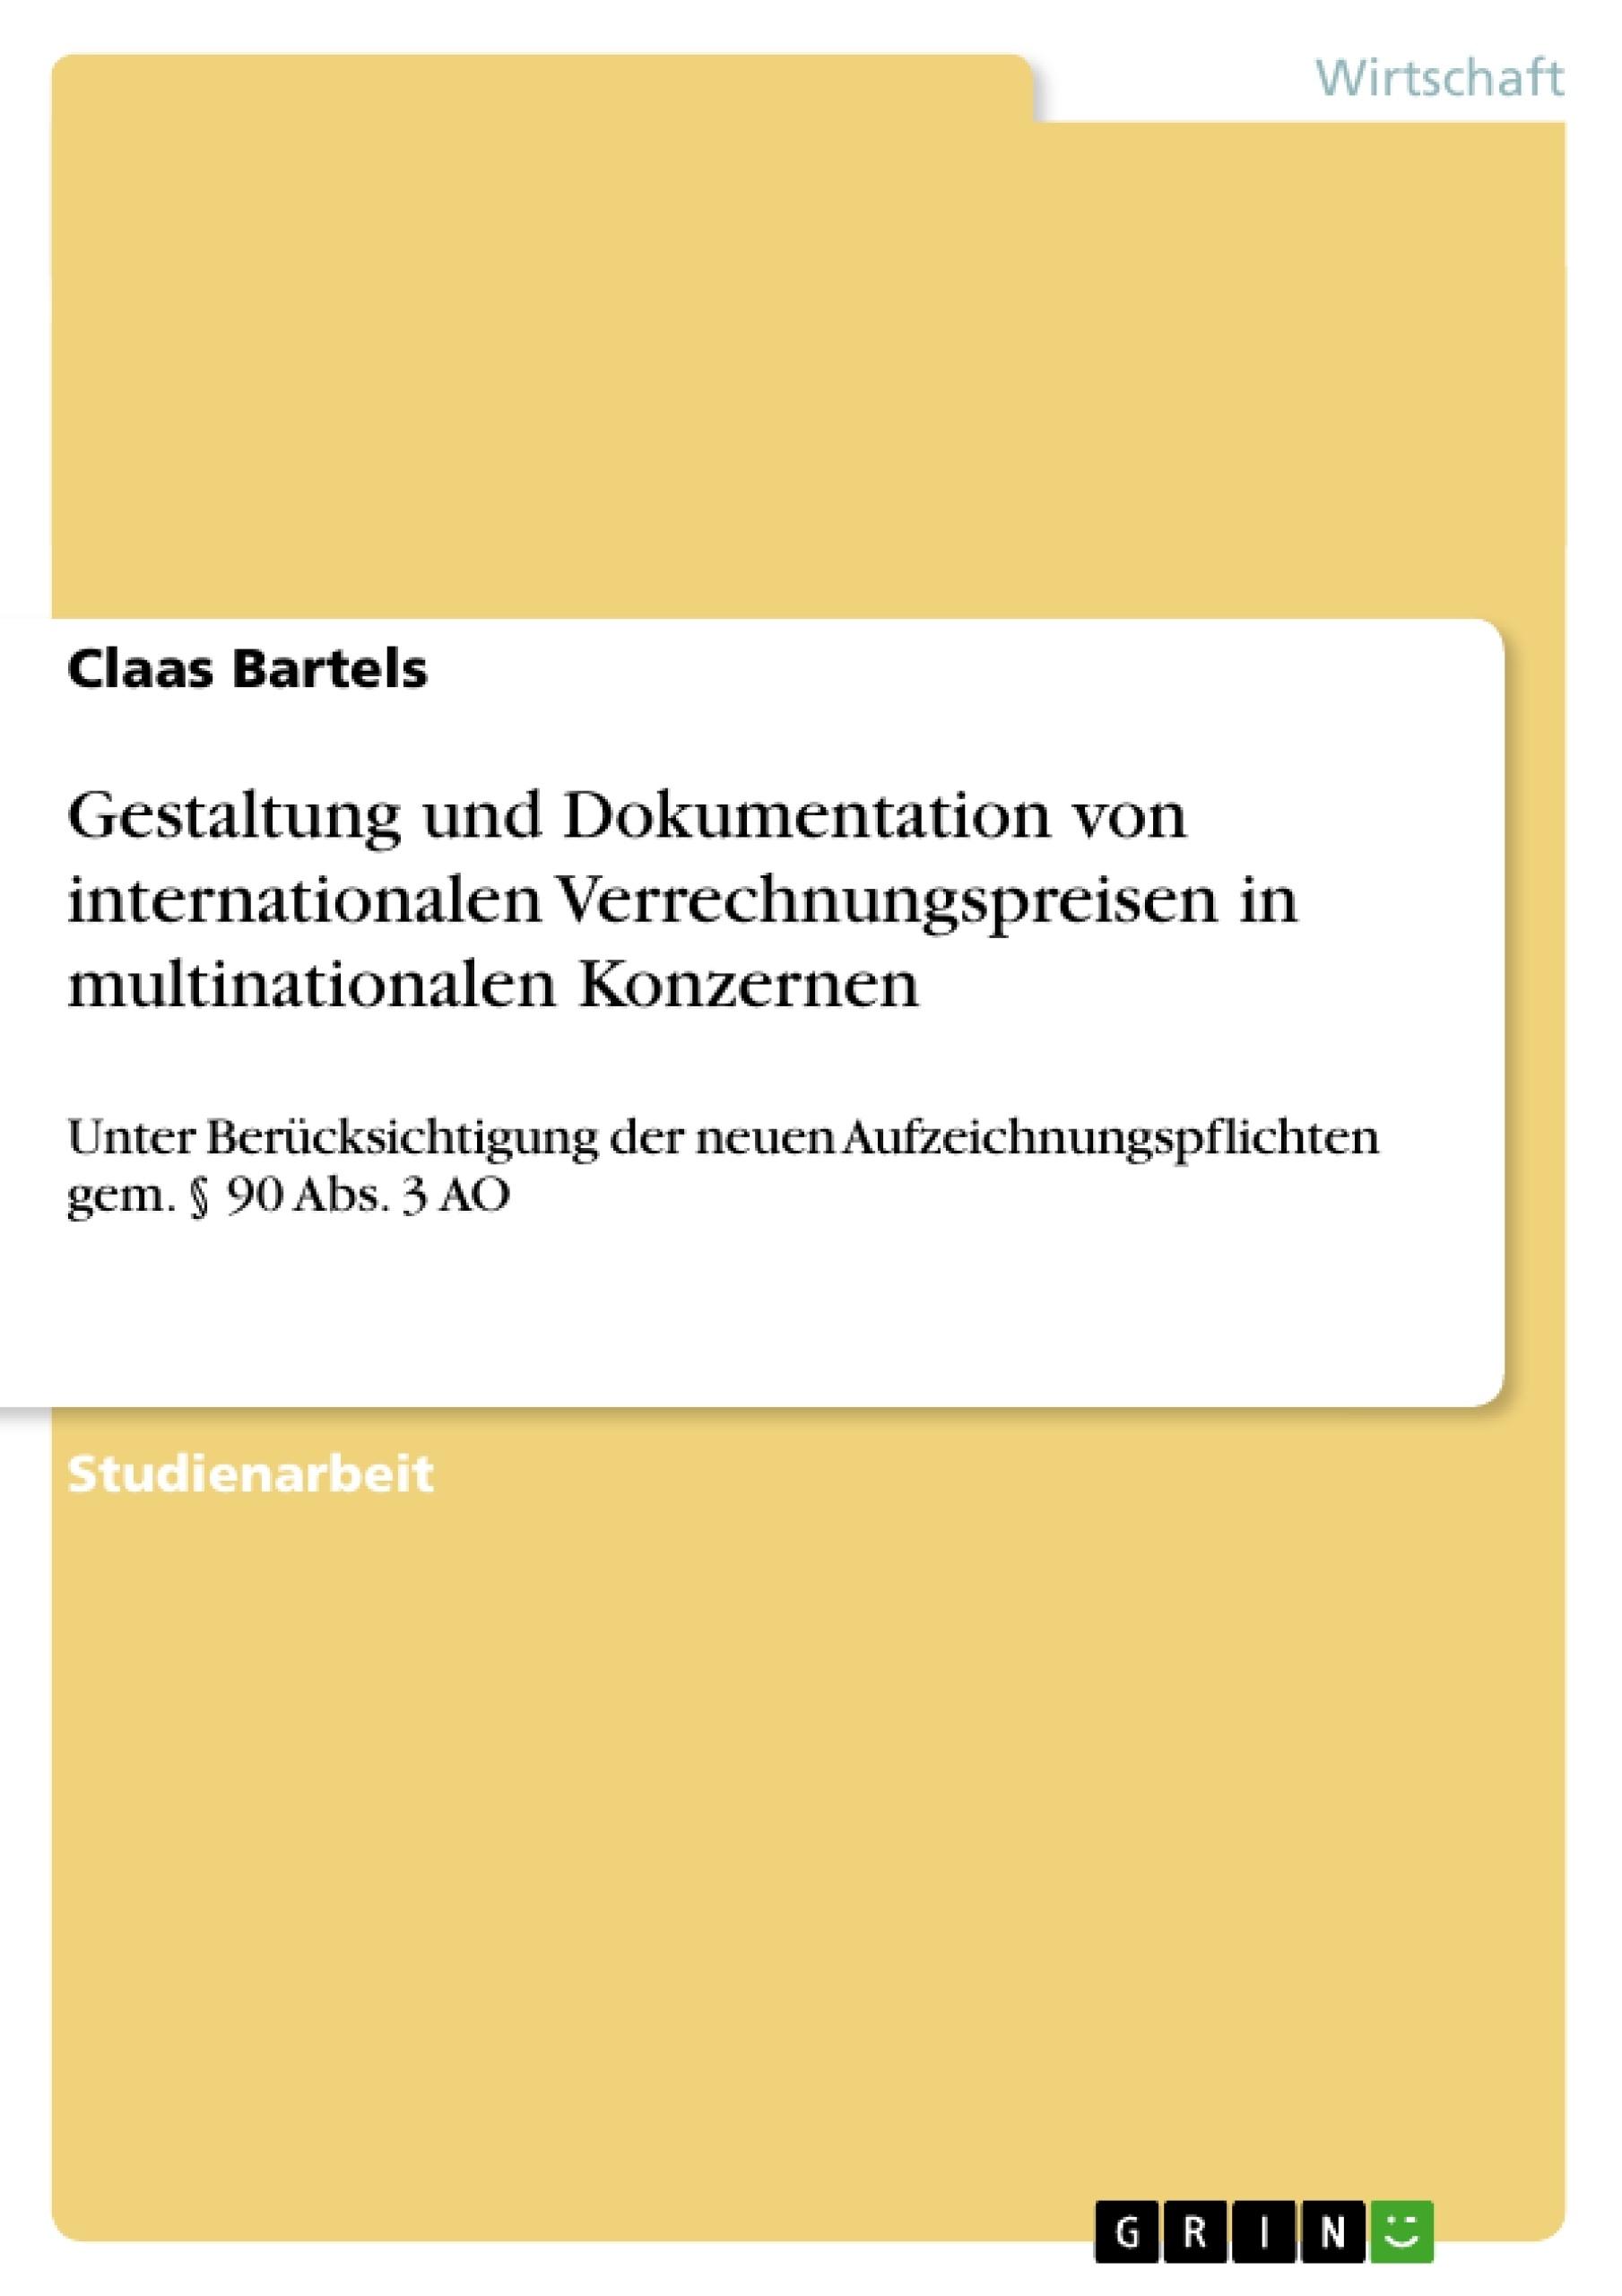 Titel: Gestaltung und Dokumentation von internationalen Verrechnungspreisen in multinationalen Konzernen